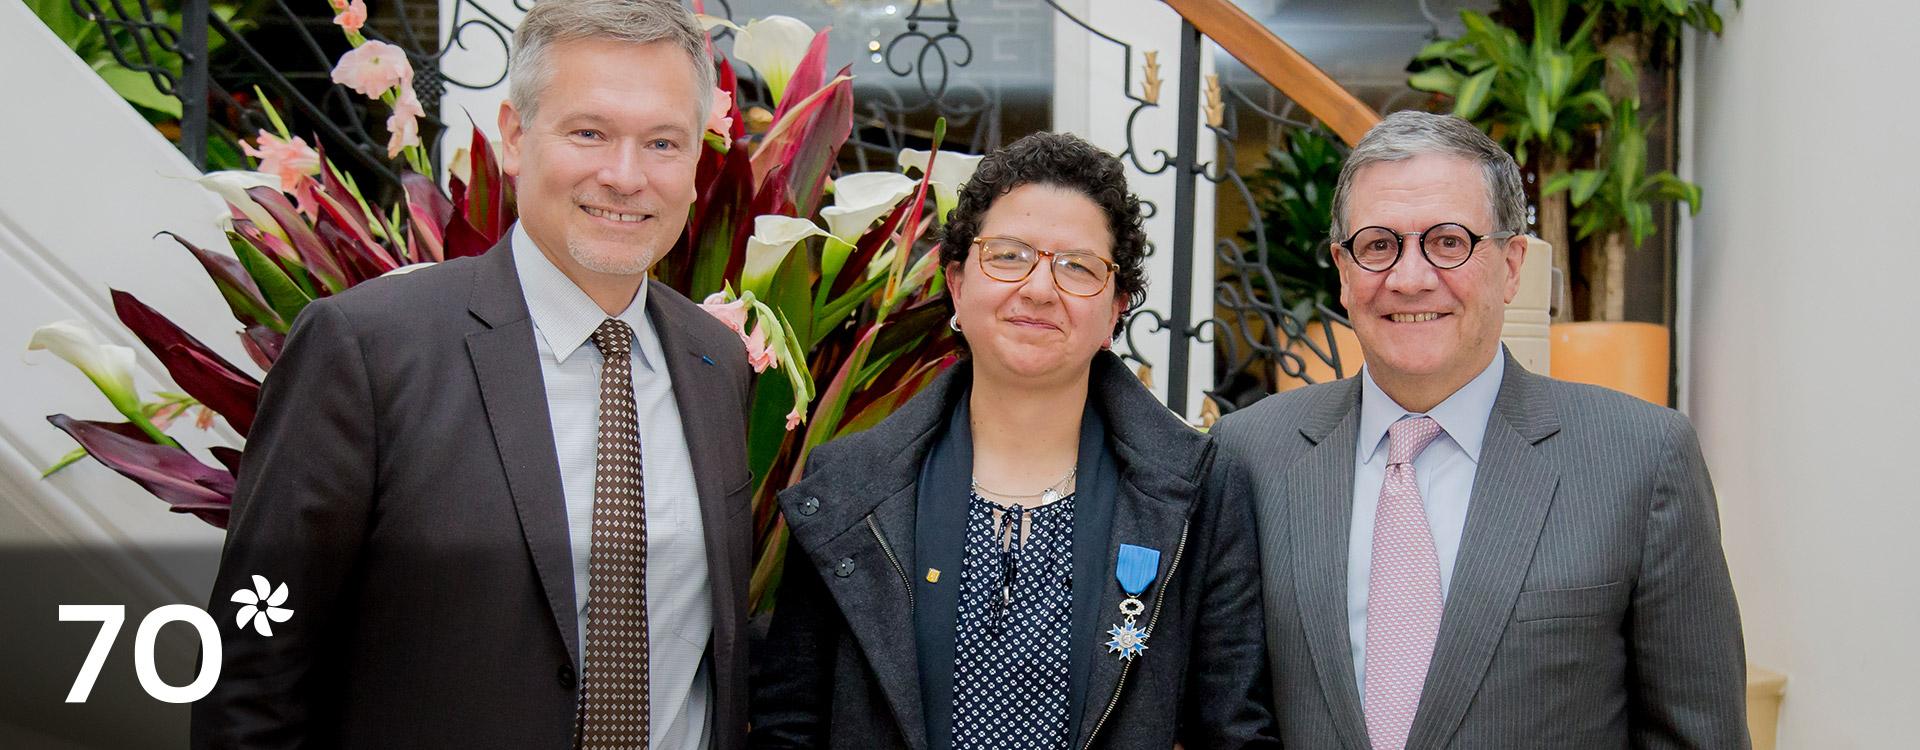 Silvia Restrepo recibiendo su conmemoración, en compañía del rector de Los Andes, Pablo Navas.